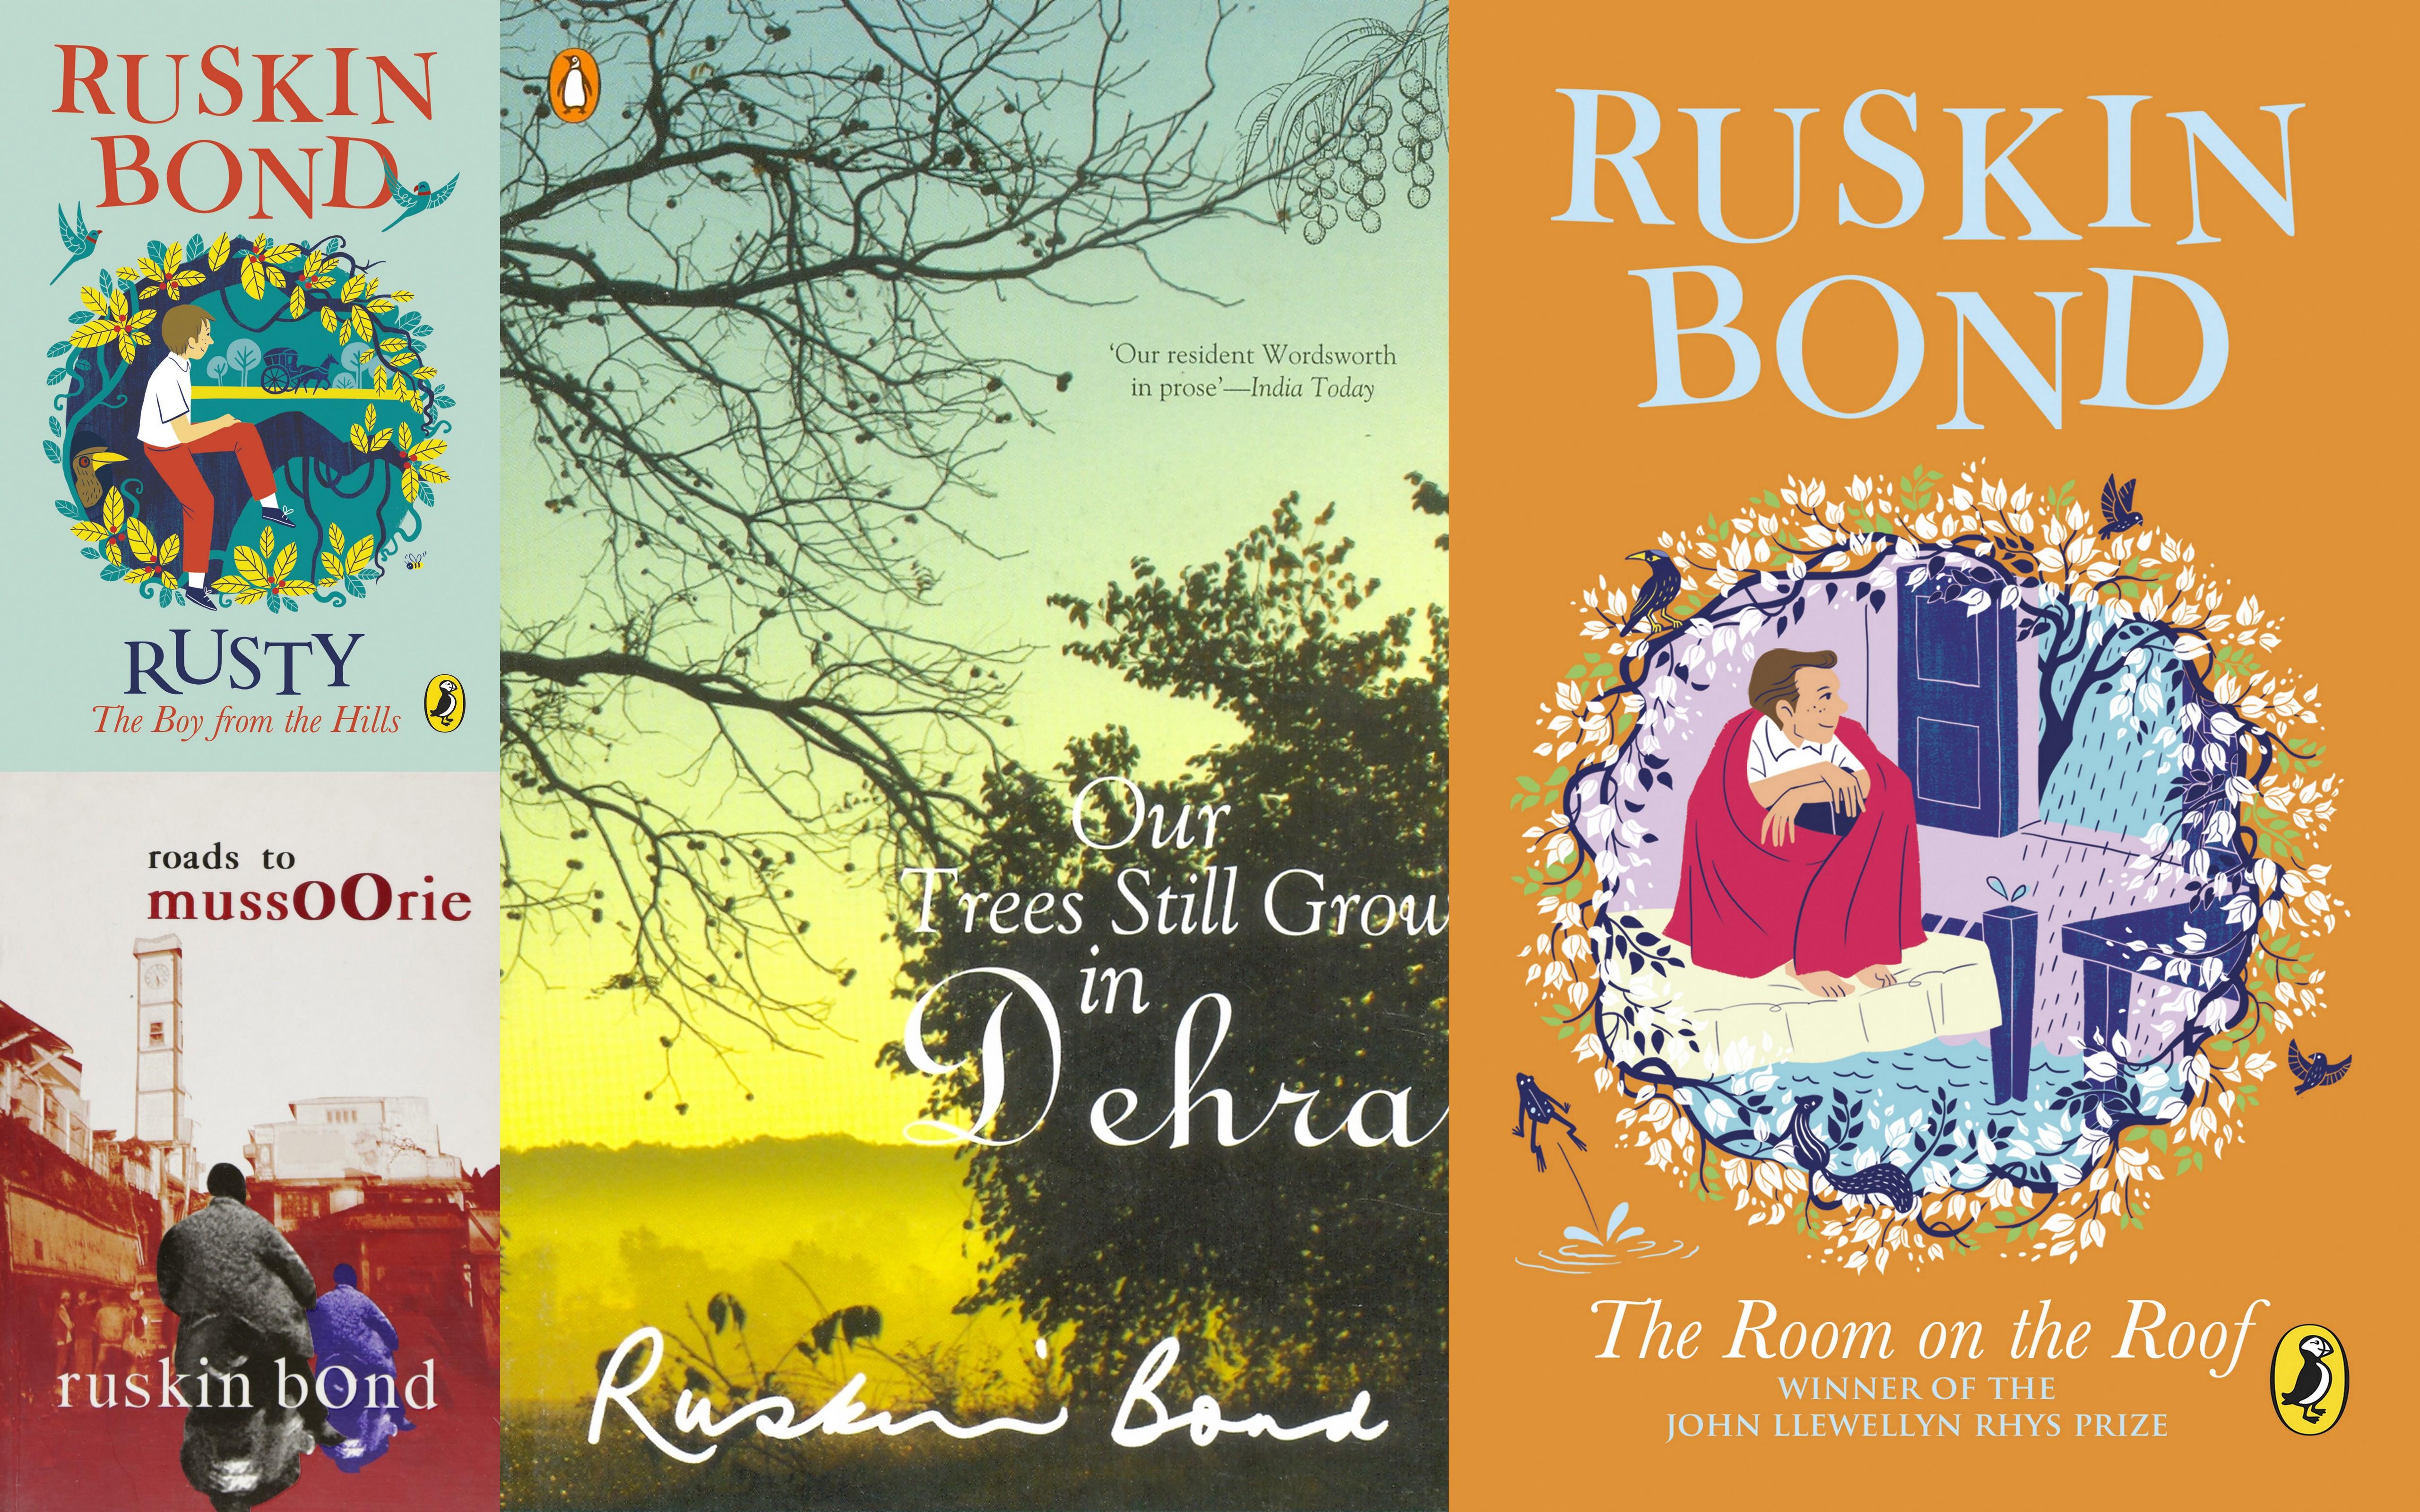 Ruskin Bond Famous Books Guide Tripoto